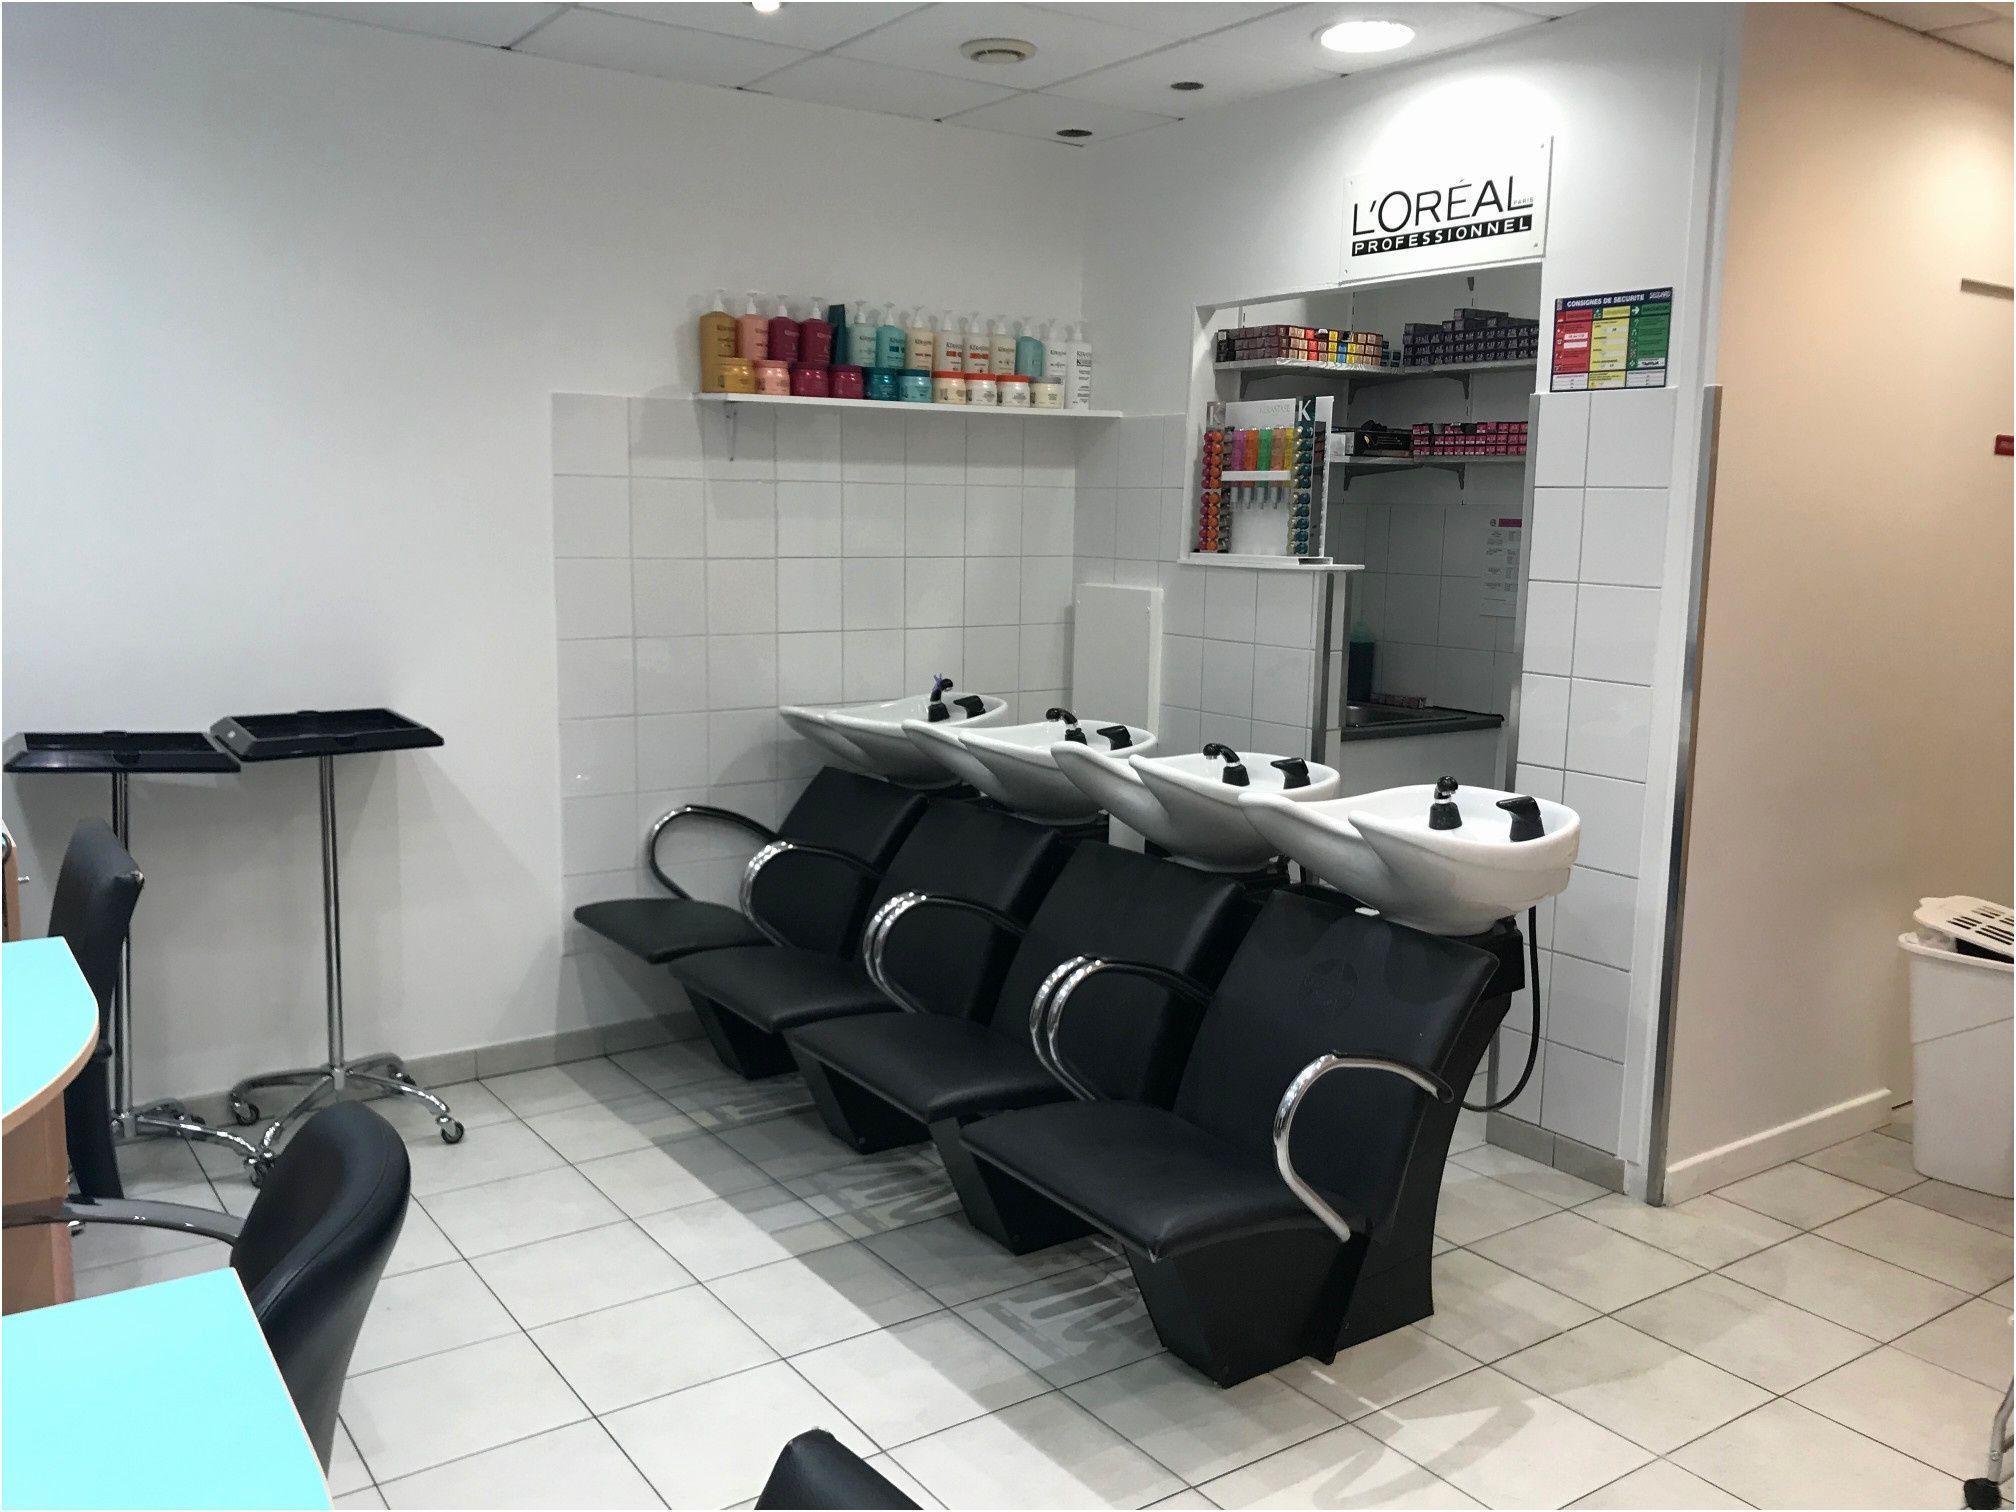 10++ Salon de coiffure mantes la jolie des idees